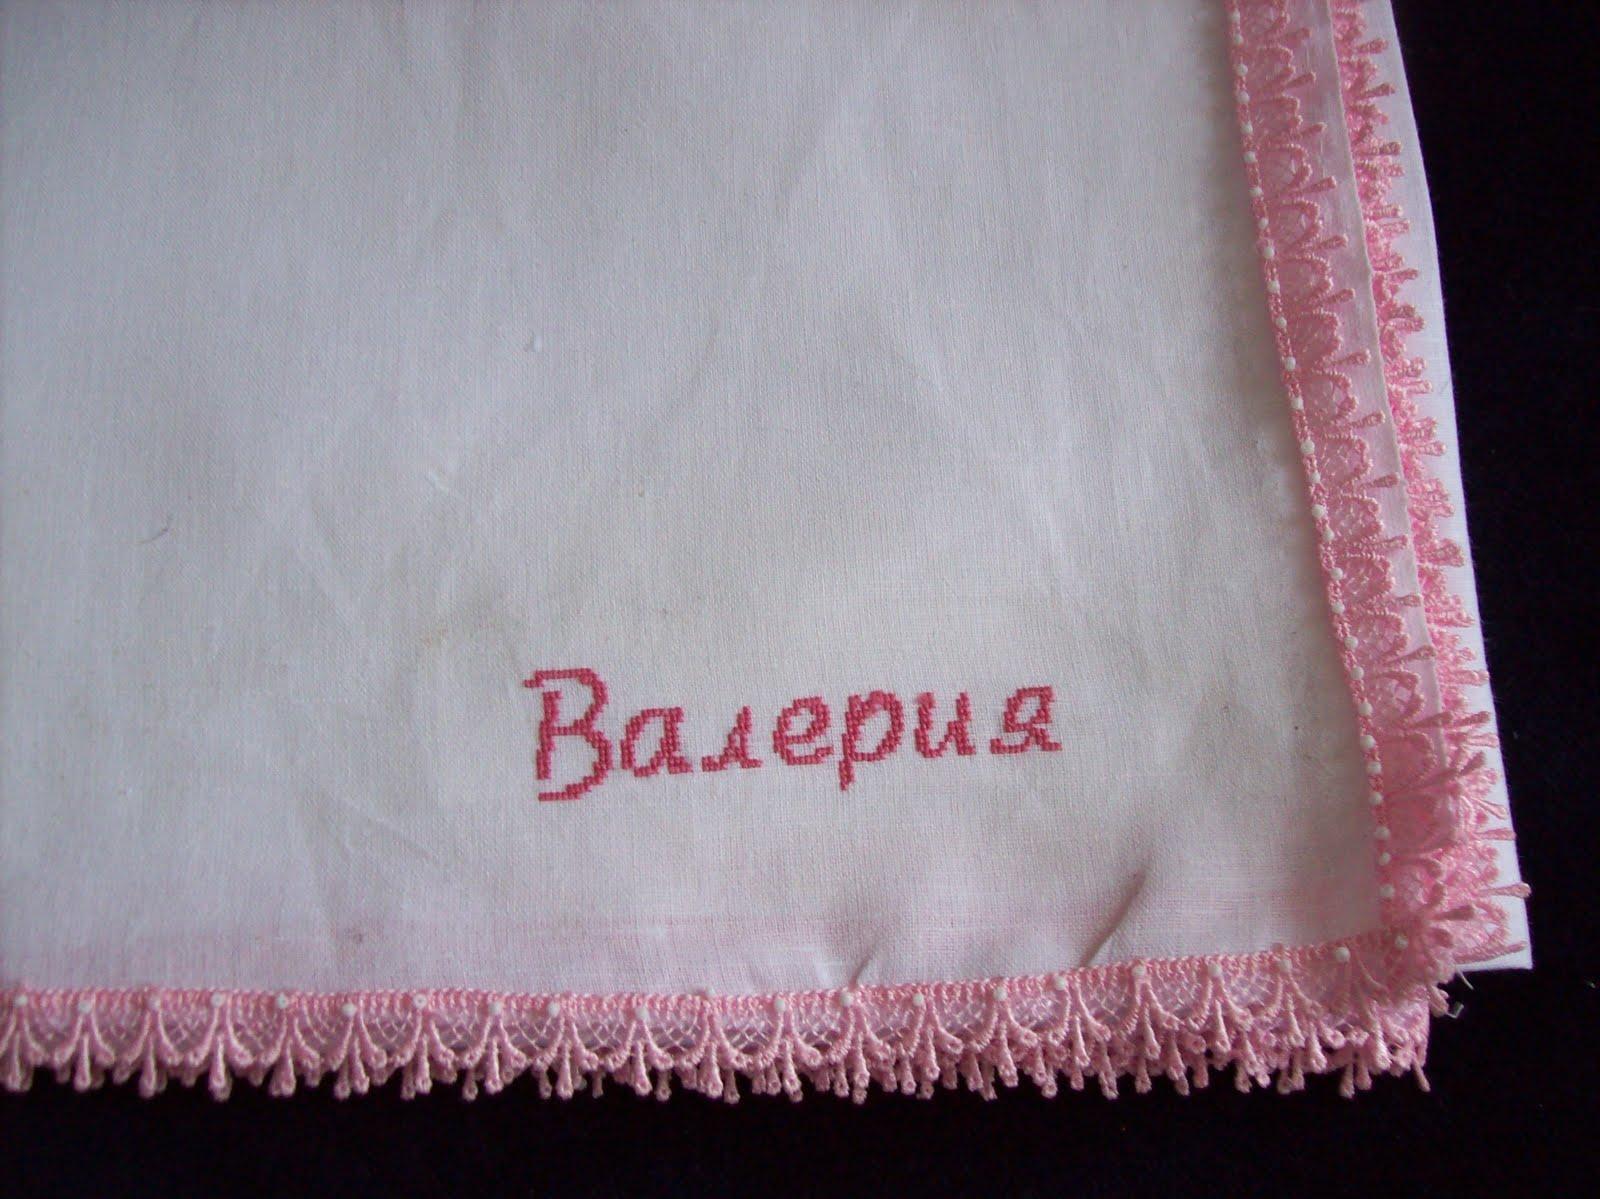 Вышивка имени на заказ на ткани 80